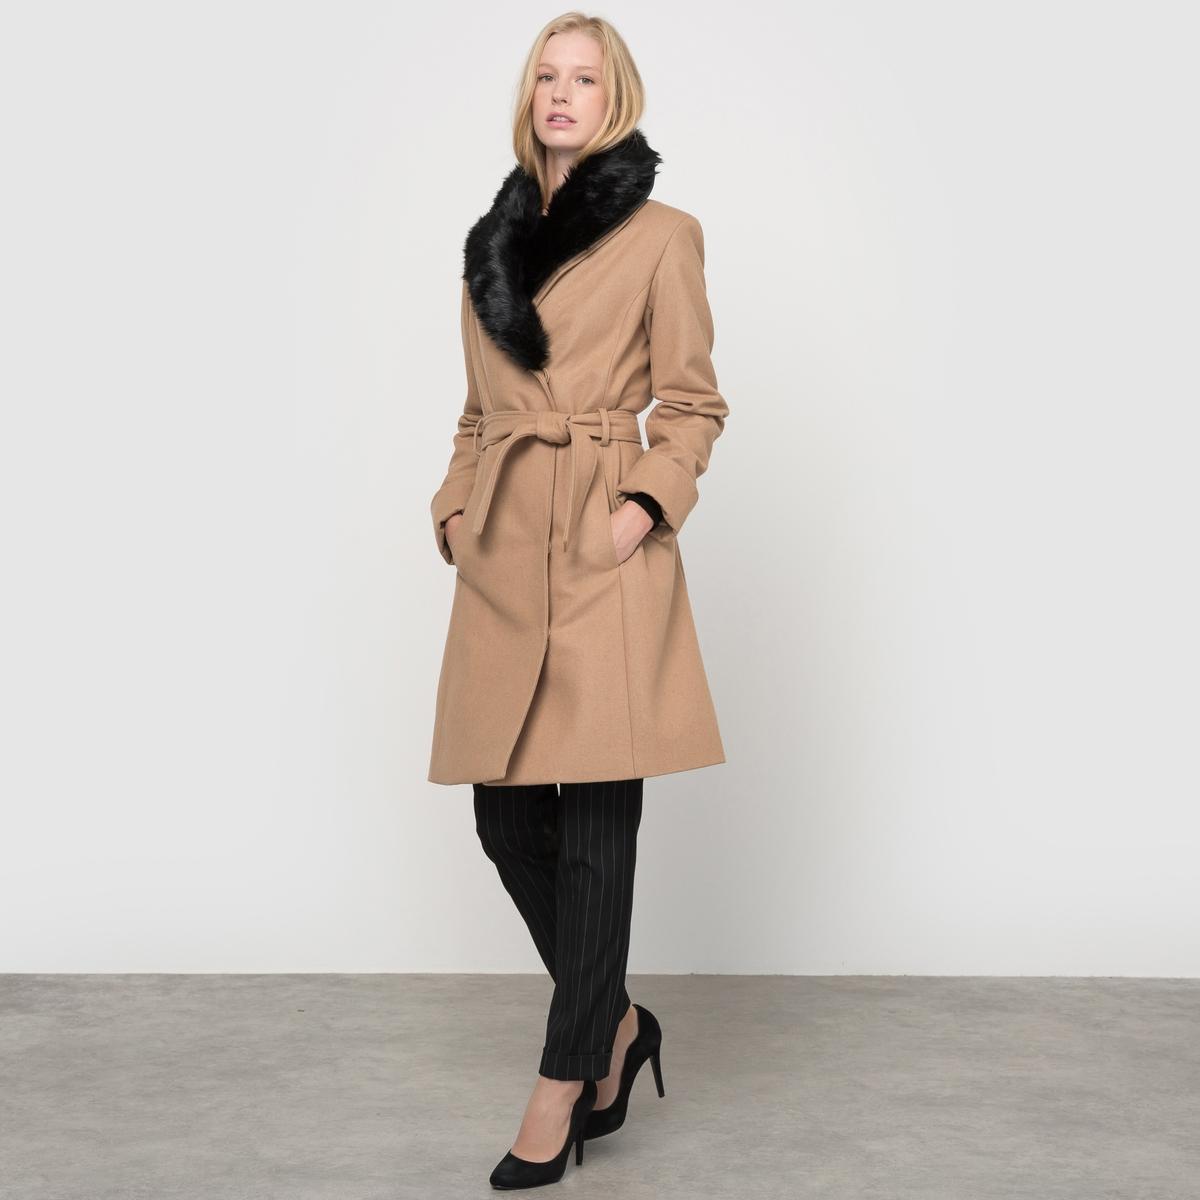 Пальто с завязками и шалевым воротником тренч с шалевым воротником пояс с завязками desigual chaq bea